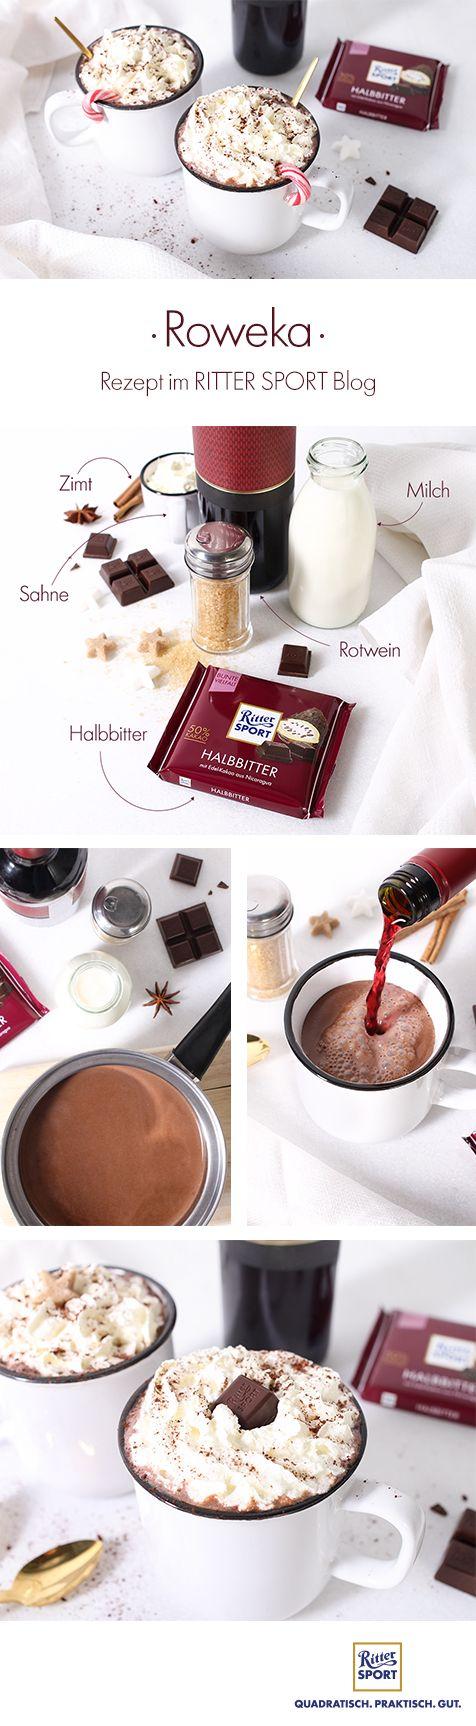 Das Wintergetränk 2017: Heiße Rotwein-Schokolade! #redwinehotchocolate #roweka #heißeschokolade #gluehwein #kakao #rittersport